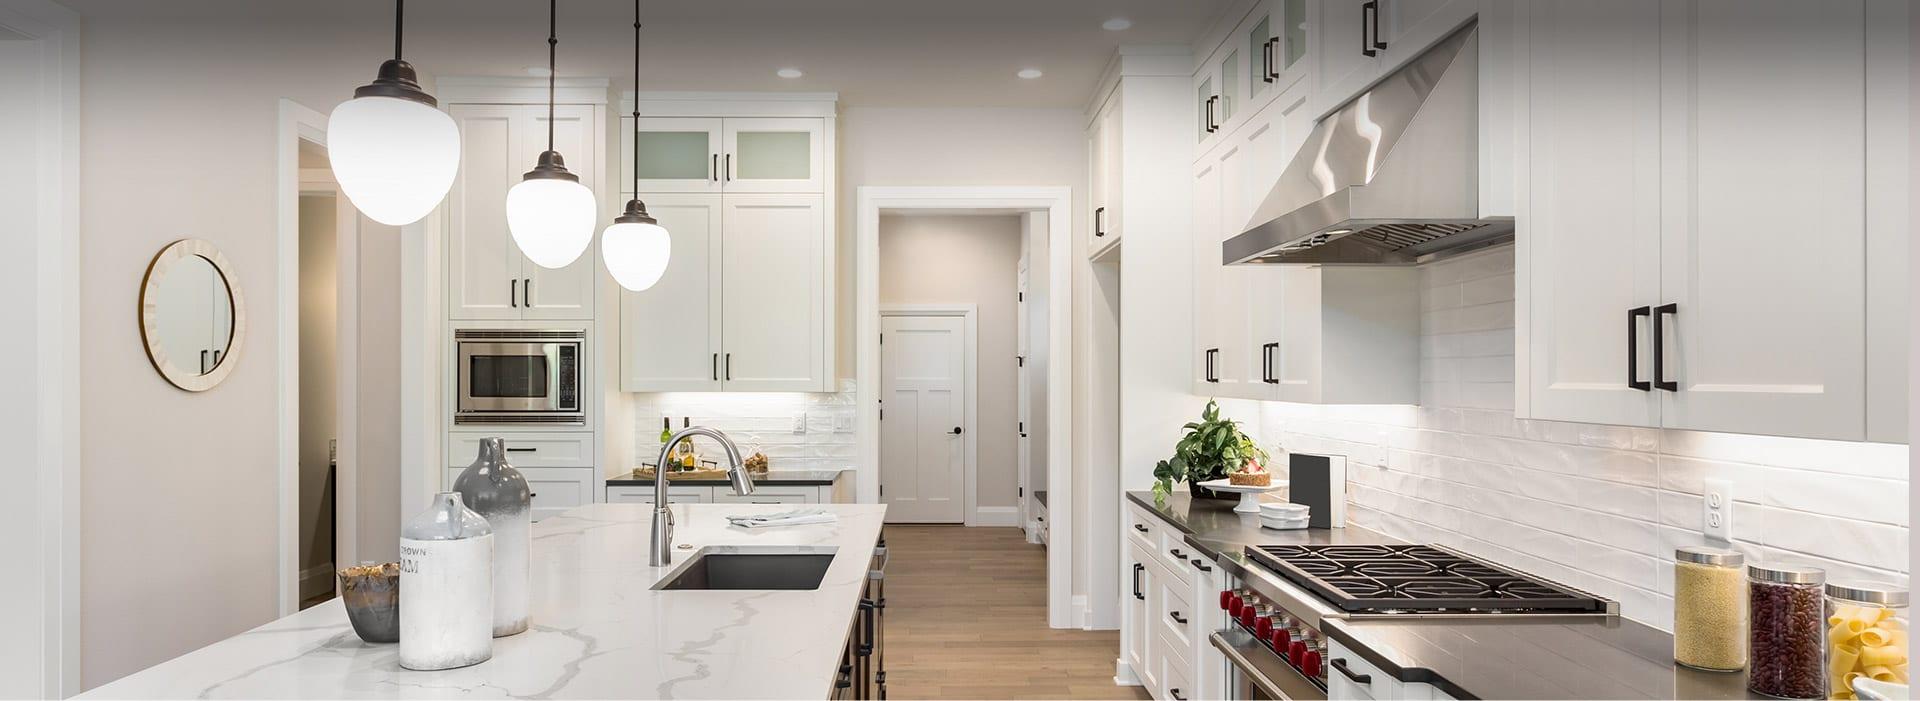 Gemini Homes Renovator Kitchen